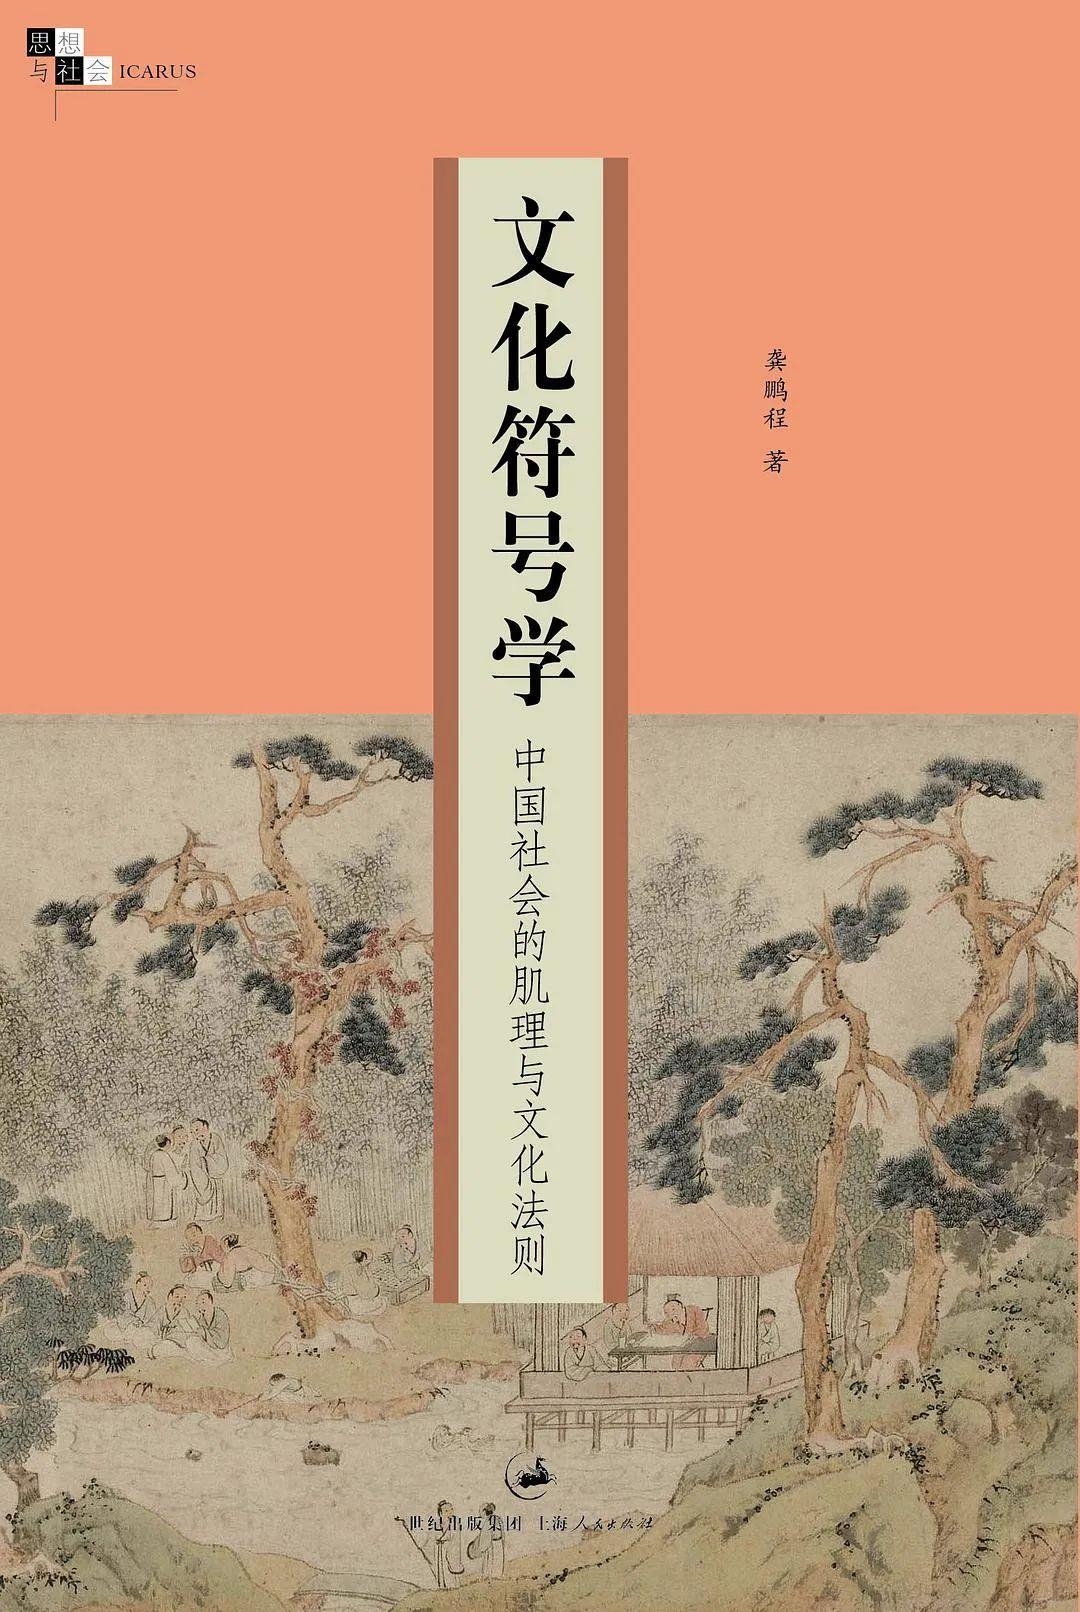 《文化符号学》,作者:龚鹏程,版本:上海人民出版社2009年1月